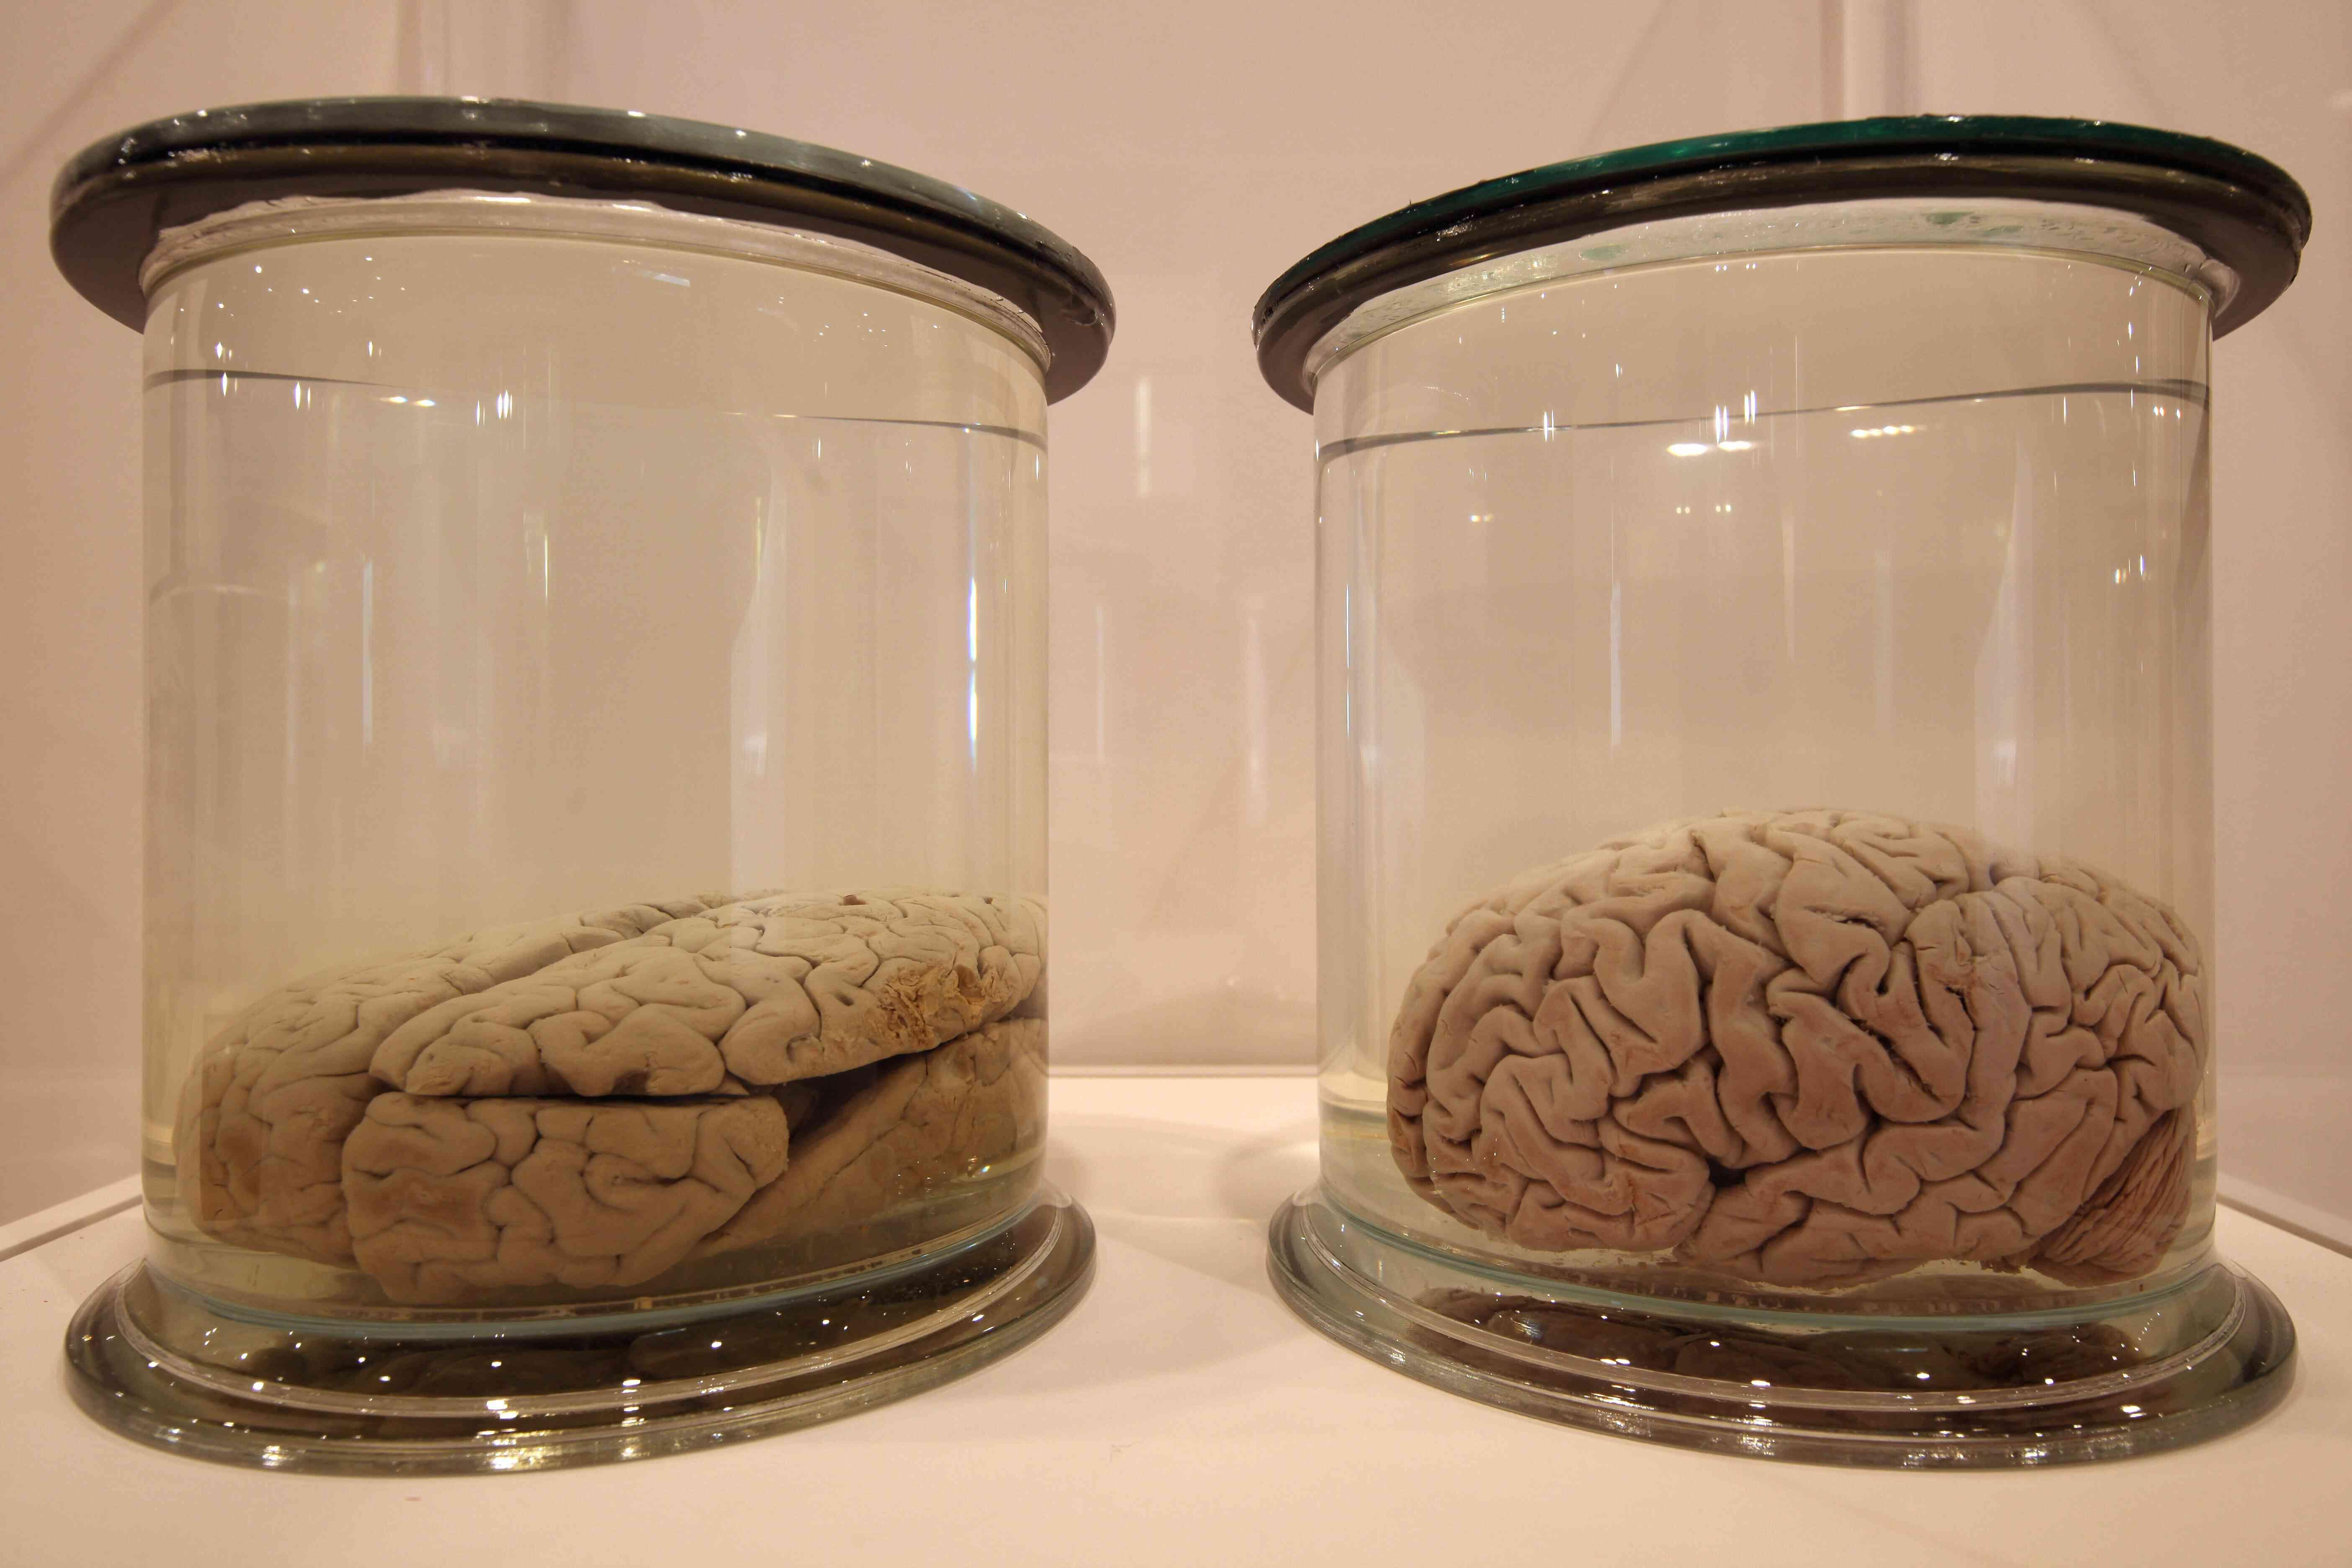 Brains on display in jars